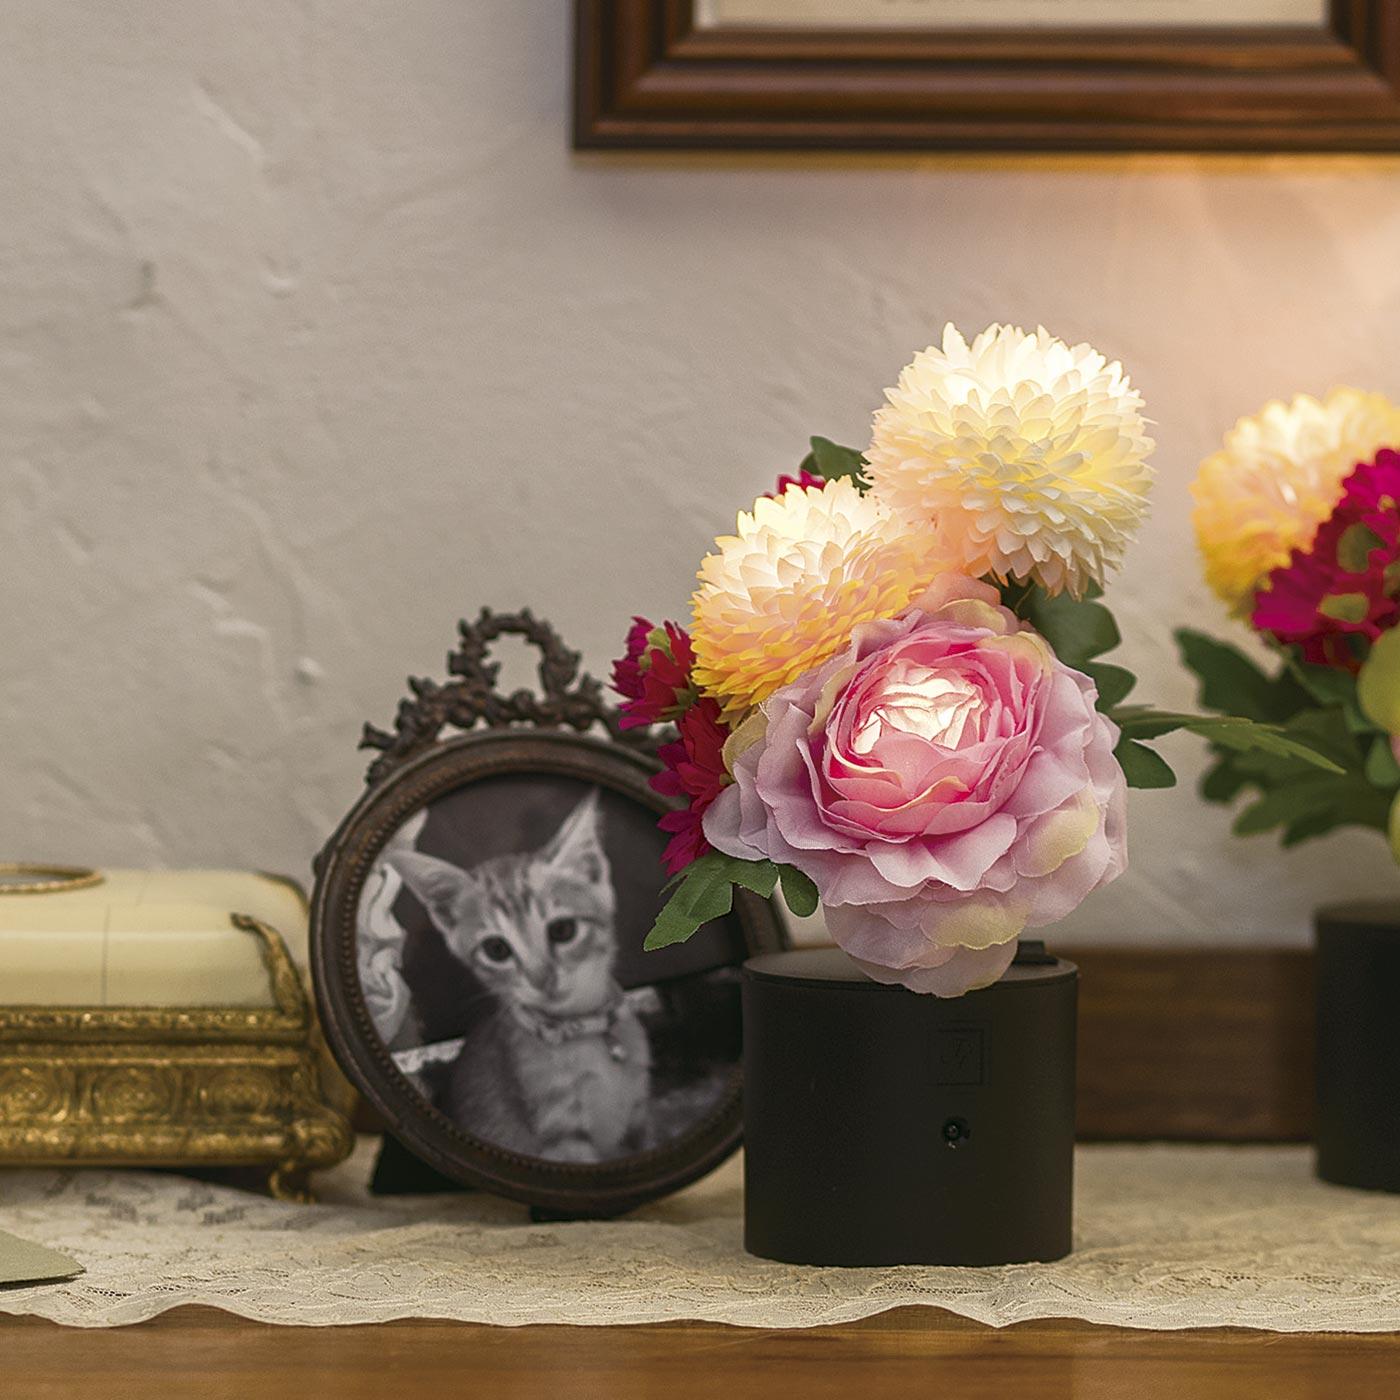 本格的なお仏壇がなくても、毎日目に留まる場所でお気に入りの写真とさりげなく。